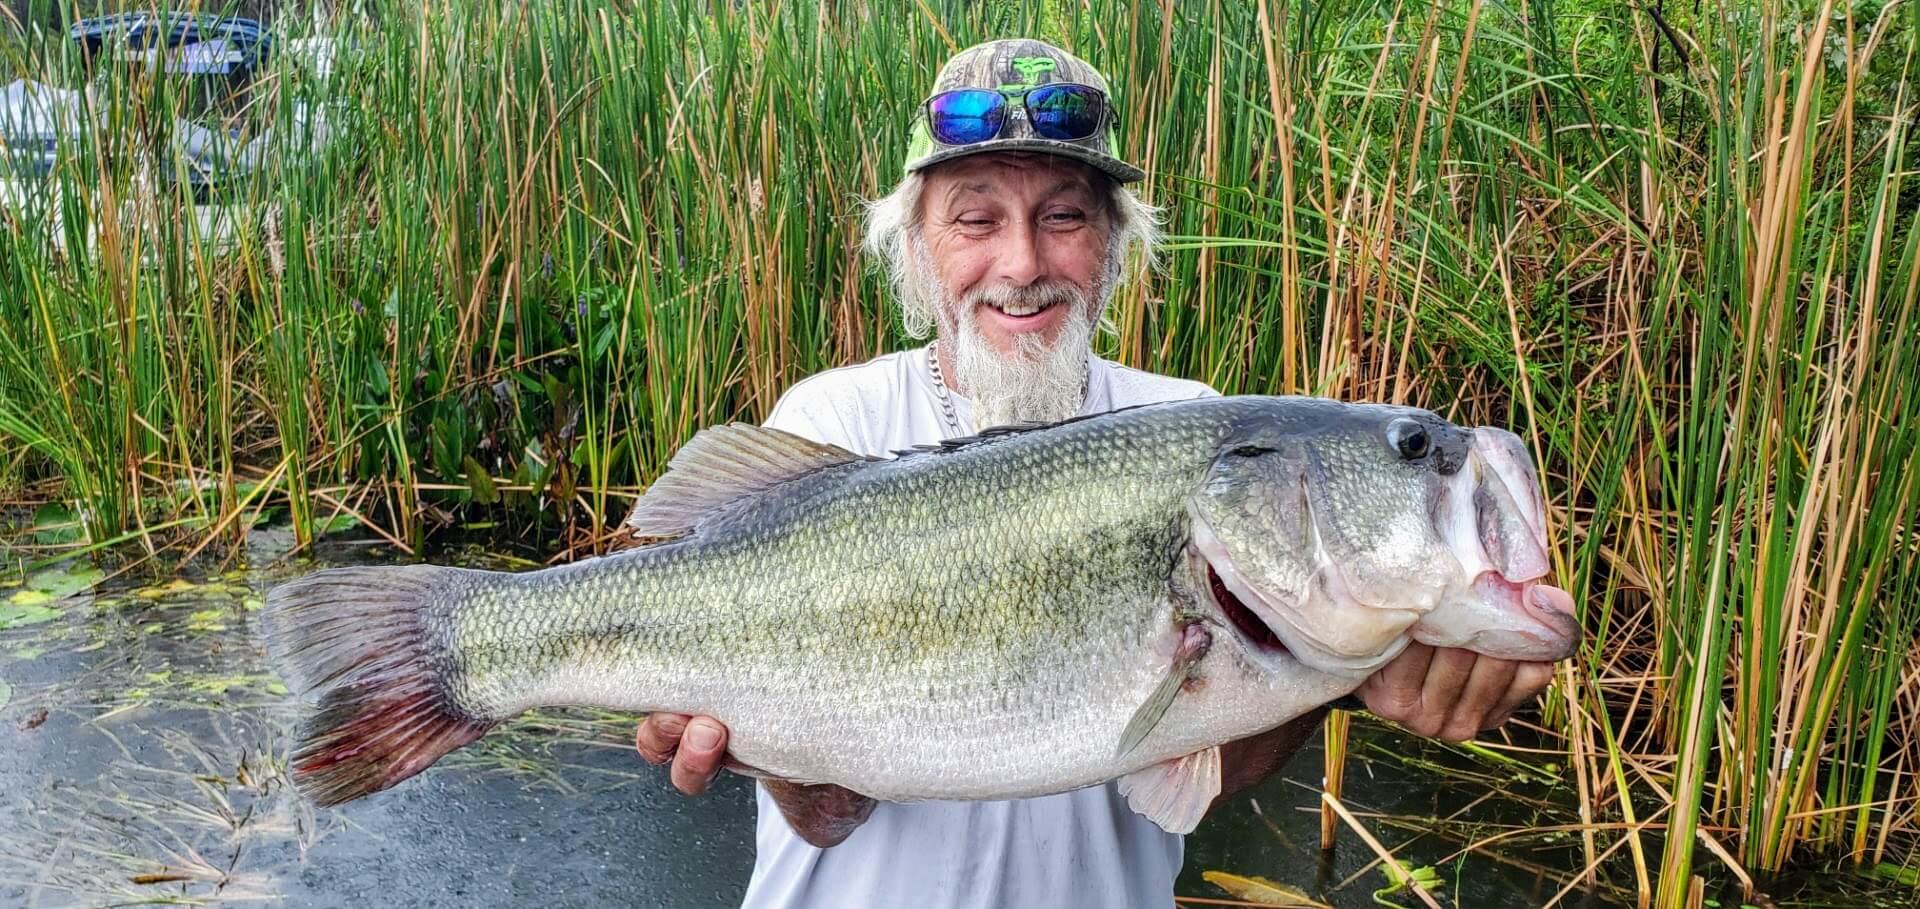 10 lbs 6 oz | Lake Harris | Benjamin Widerman